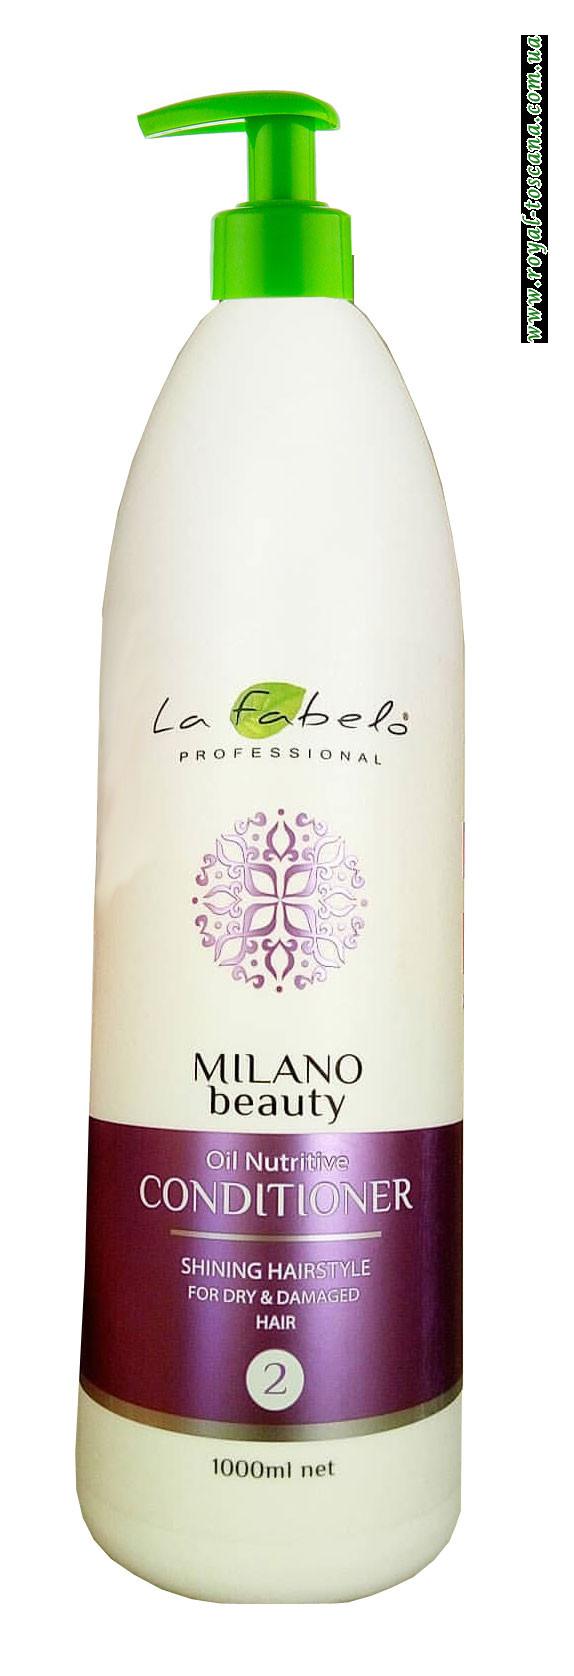 Кондиционер питательный для сухих волос La Fabelo Milano Beauty, 1л